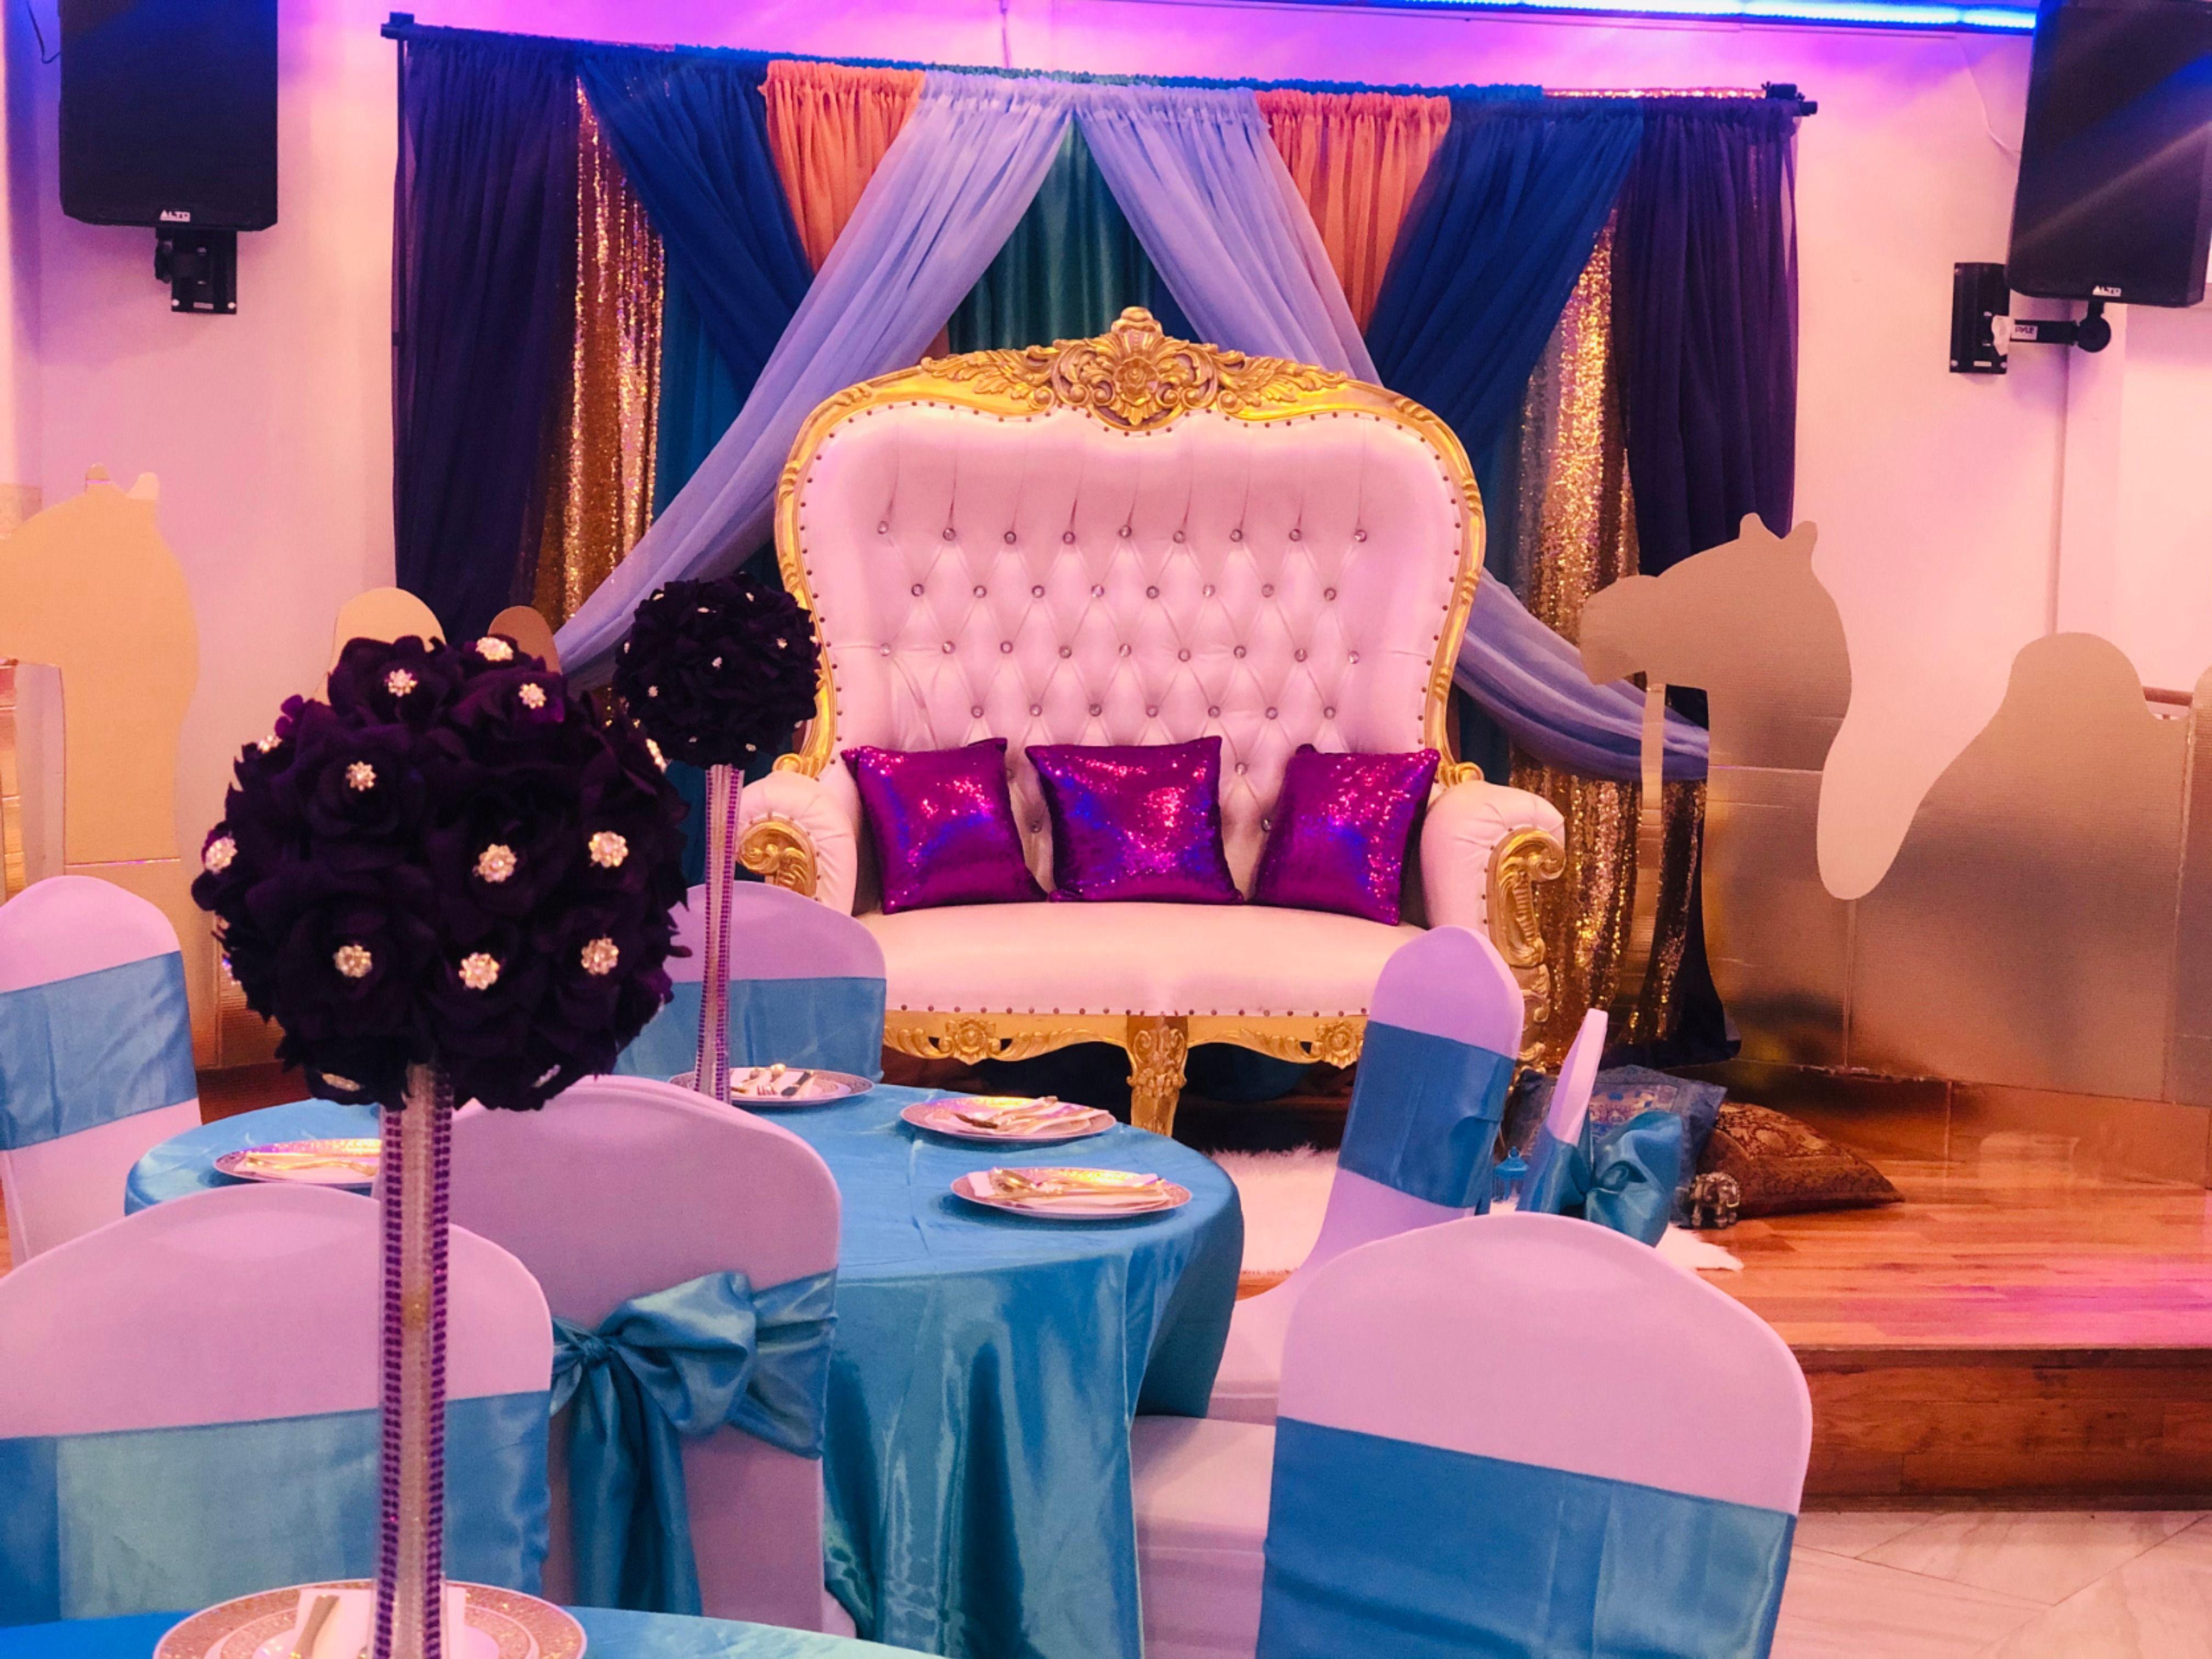 La Belvedere Venue In 2020 Party Hall Party Venues Birthday Parties